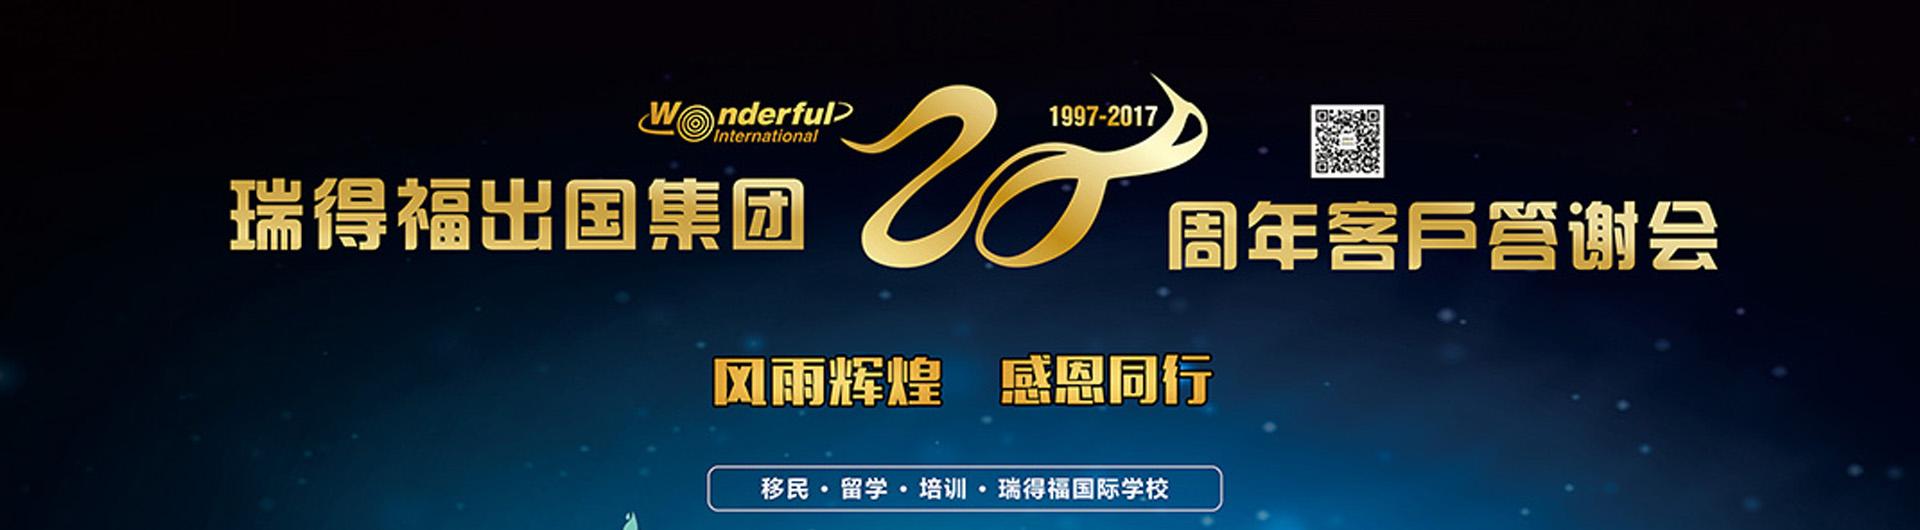 瑞得福出国集团20周年庆_感恩盛会大回馈